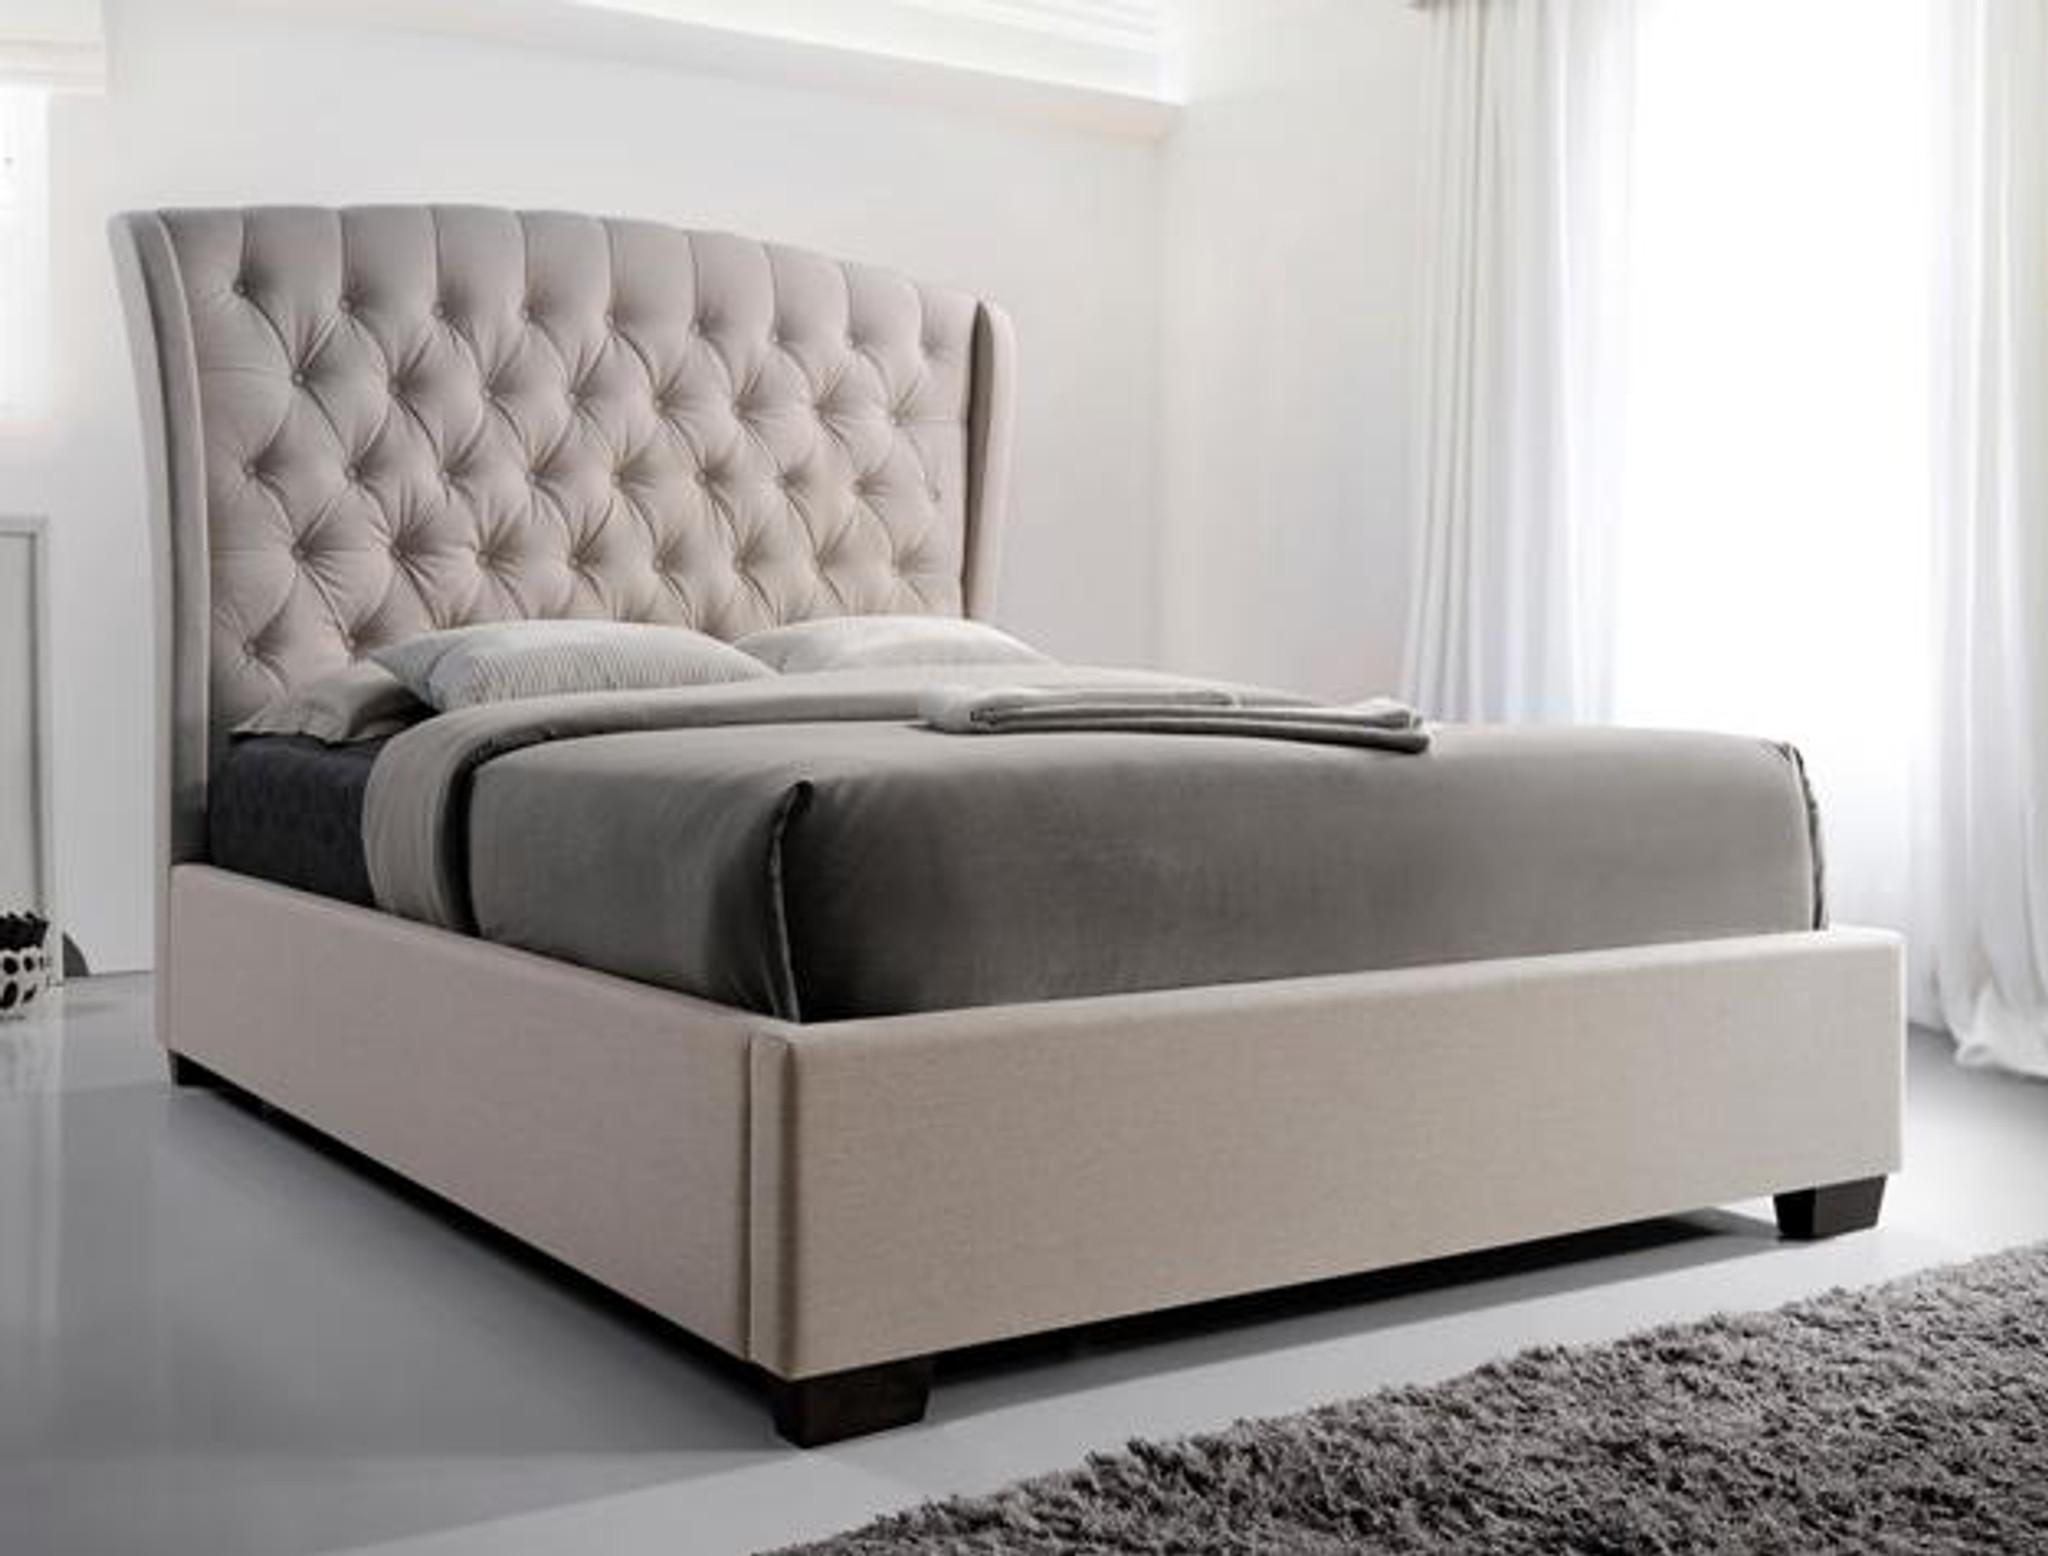 grey tufted platform bed